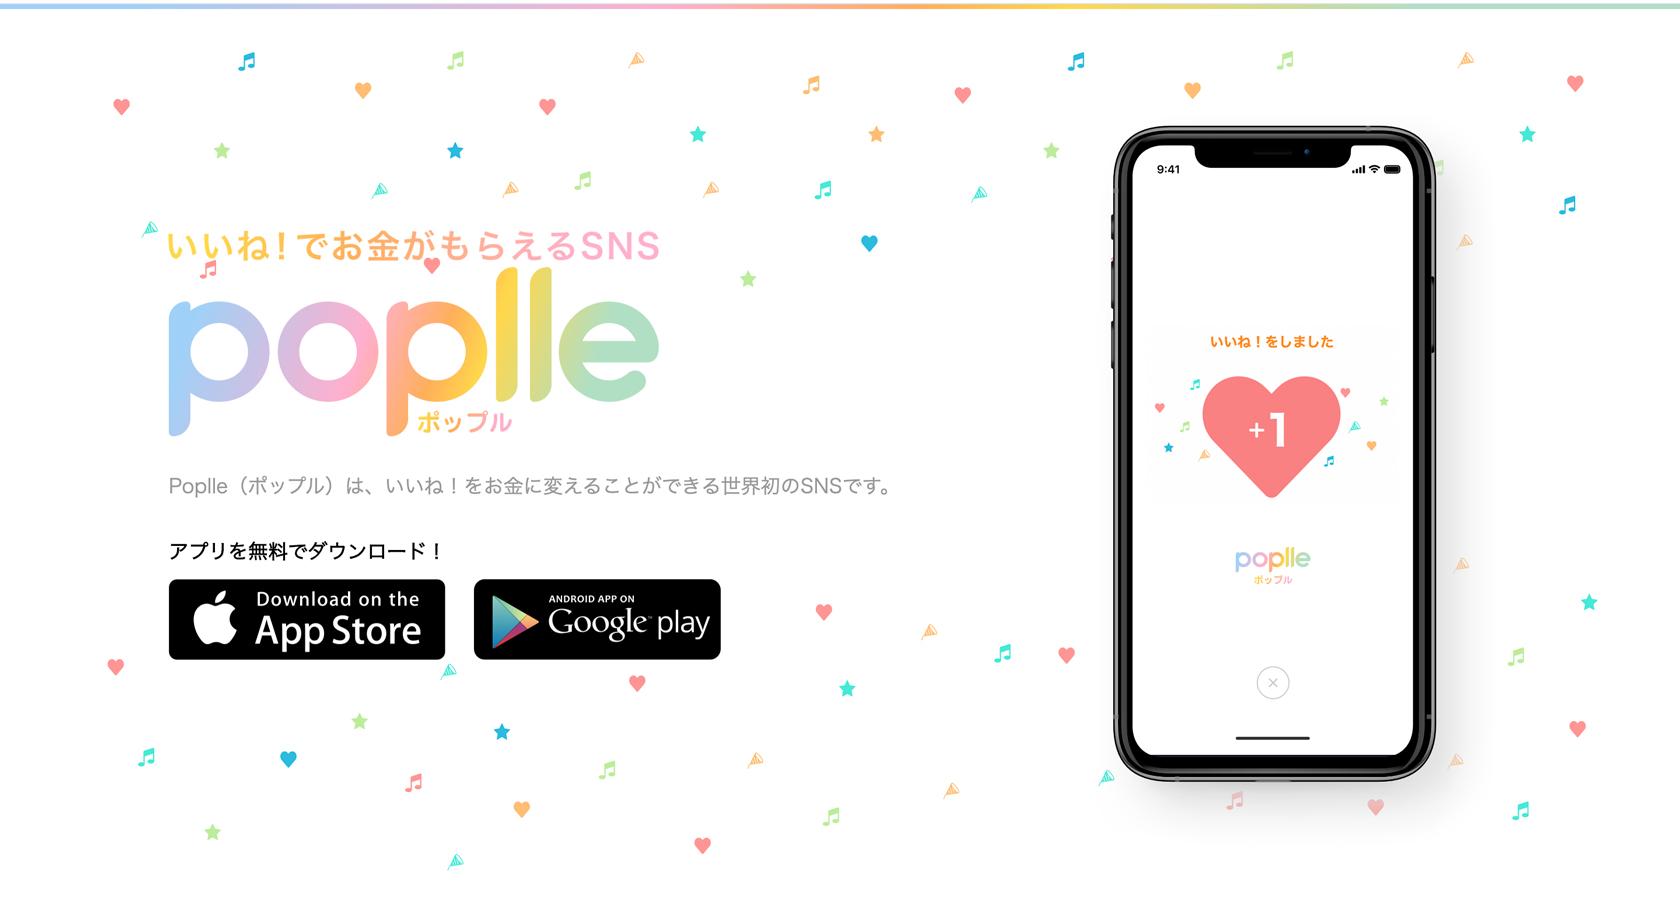 Poplle(ポップル)の画像